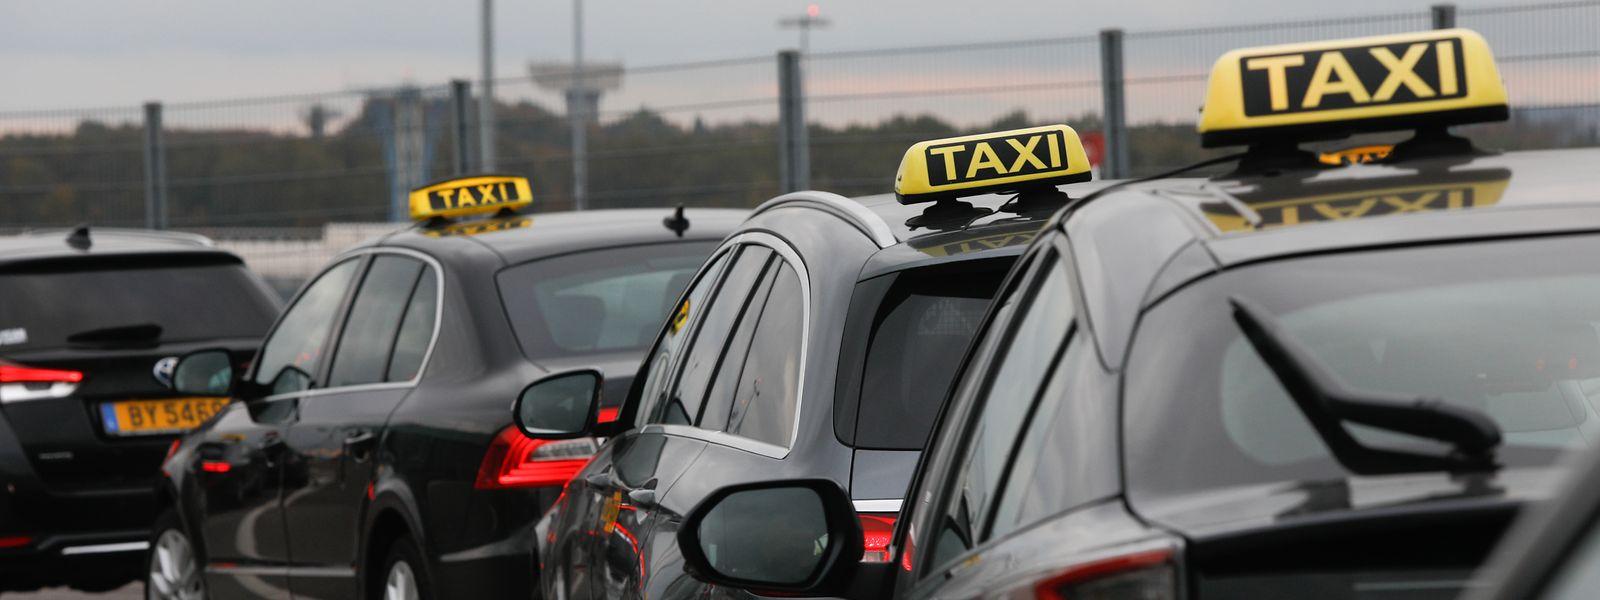 Die Situation ist besonders kritisch für kleine Taxiunternehmen, die nur wenige Wagen im Einsatz haben.